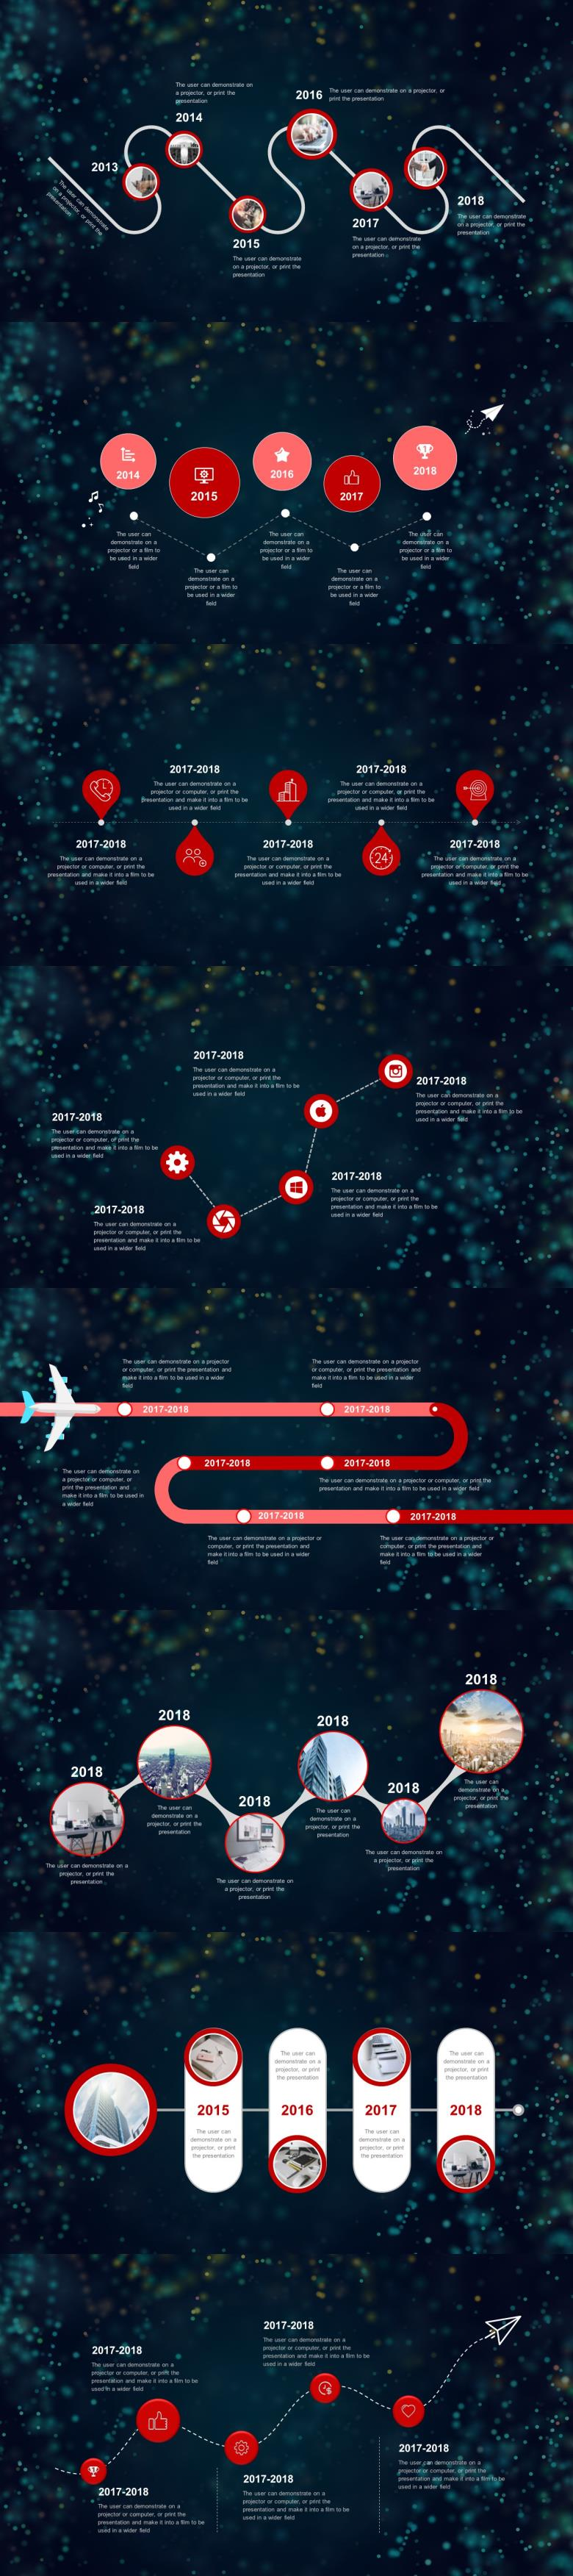 深蓝星空发展历程时间轴PPT图表